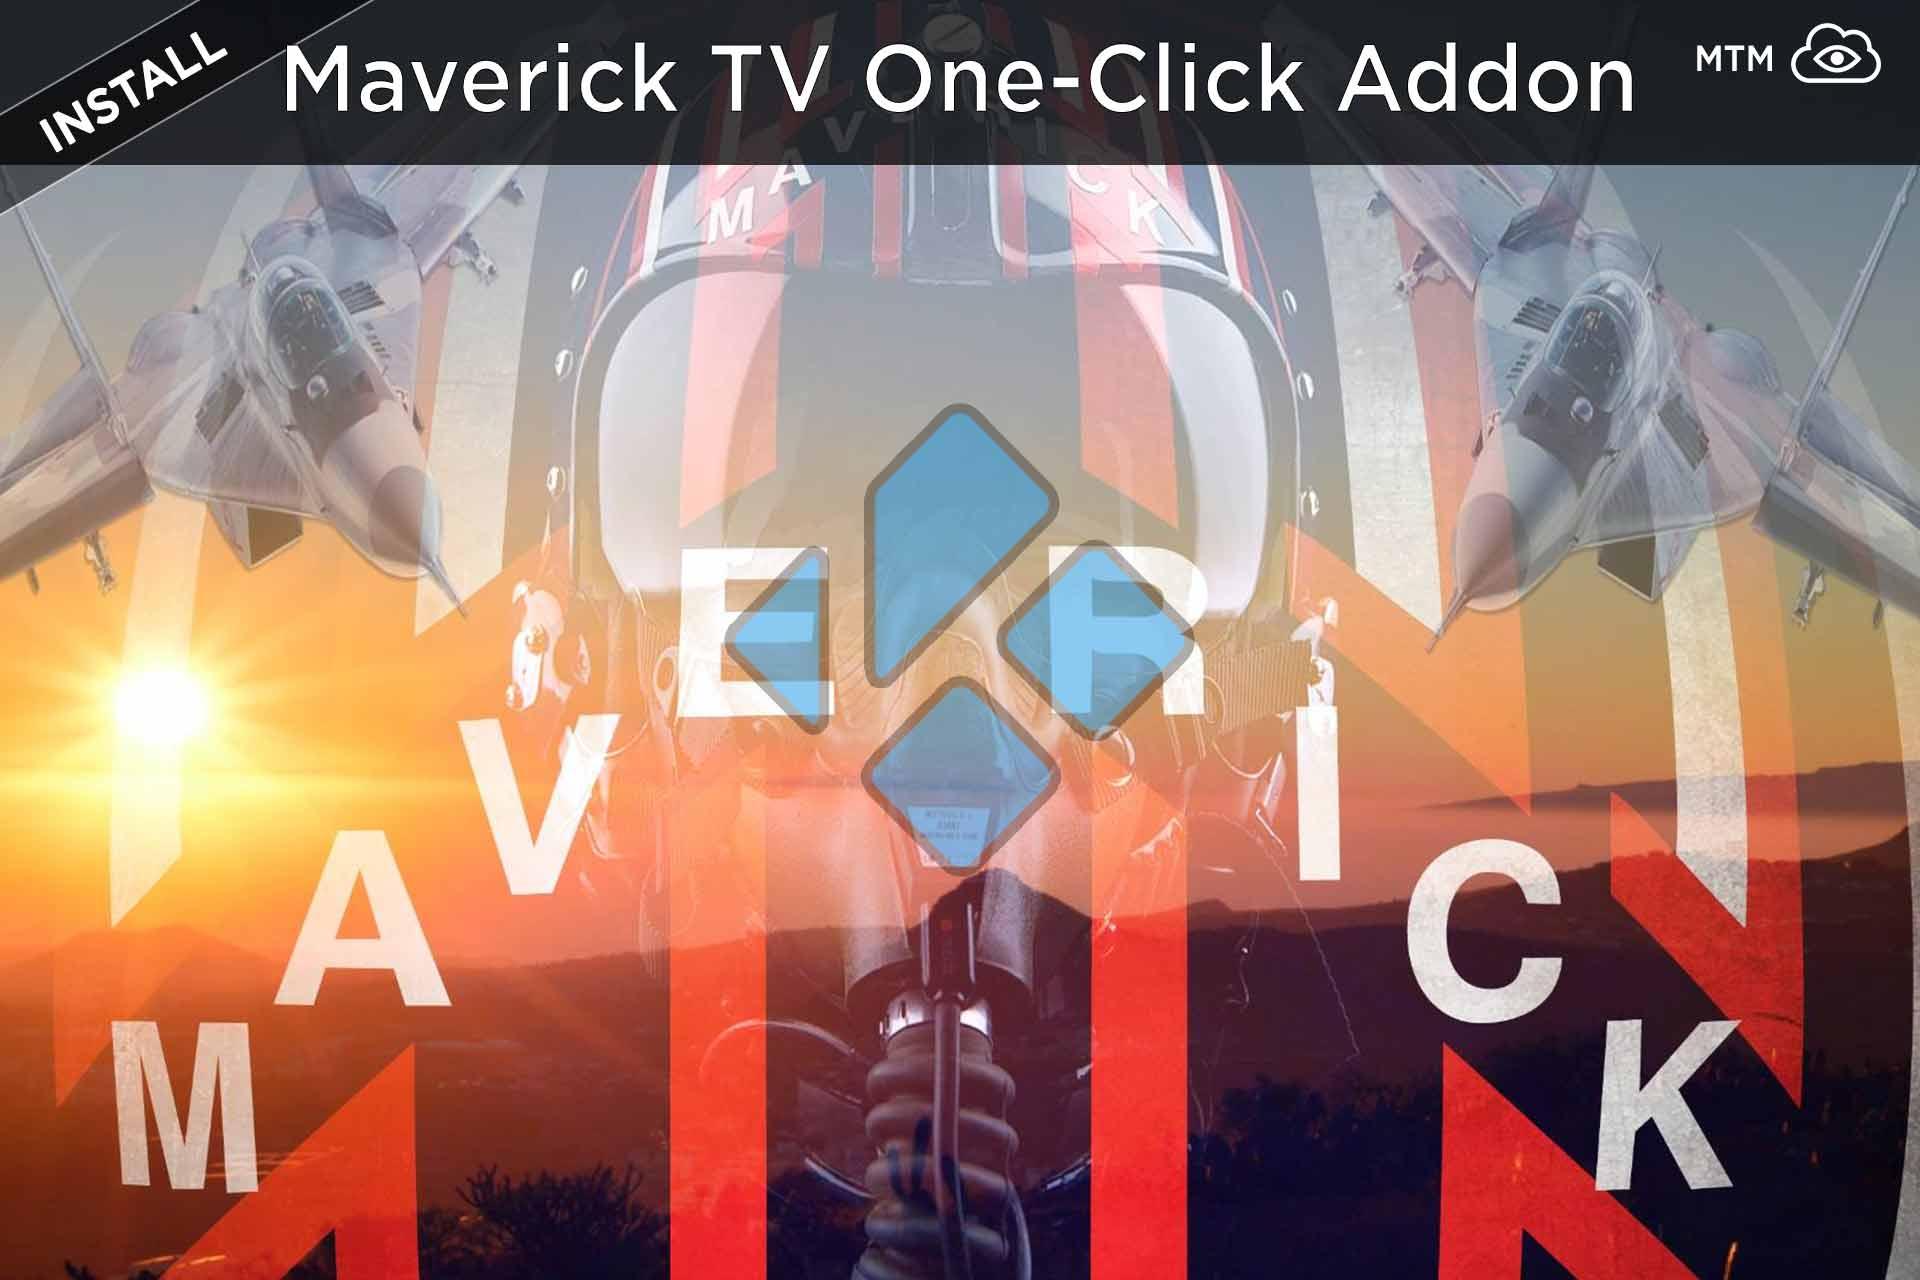 Nola instalatu Maverick TV Kodi Addon erreproduzitu filmak eta zuzeneko telebistak